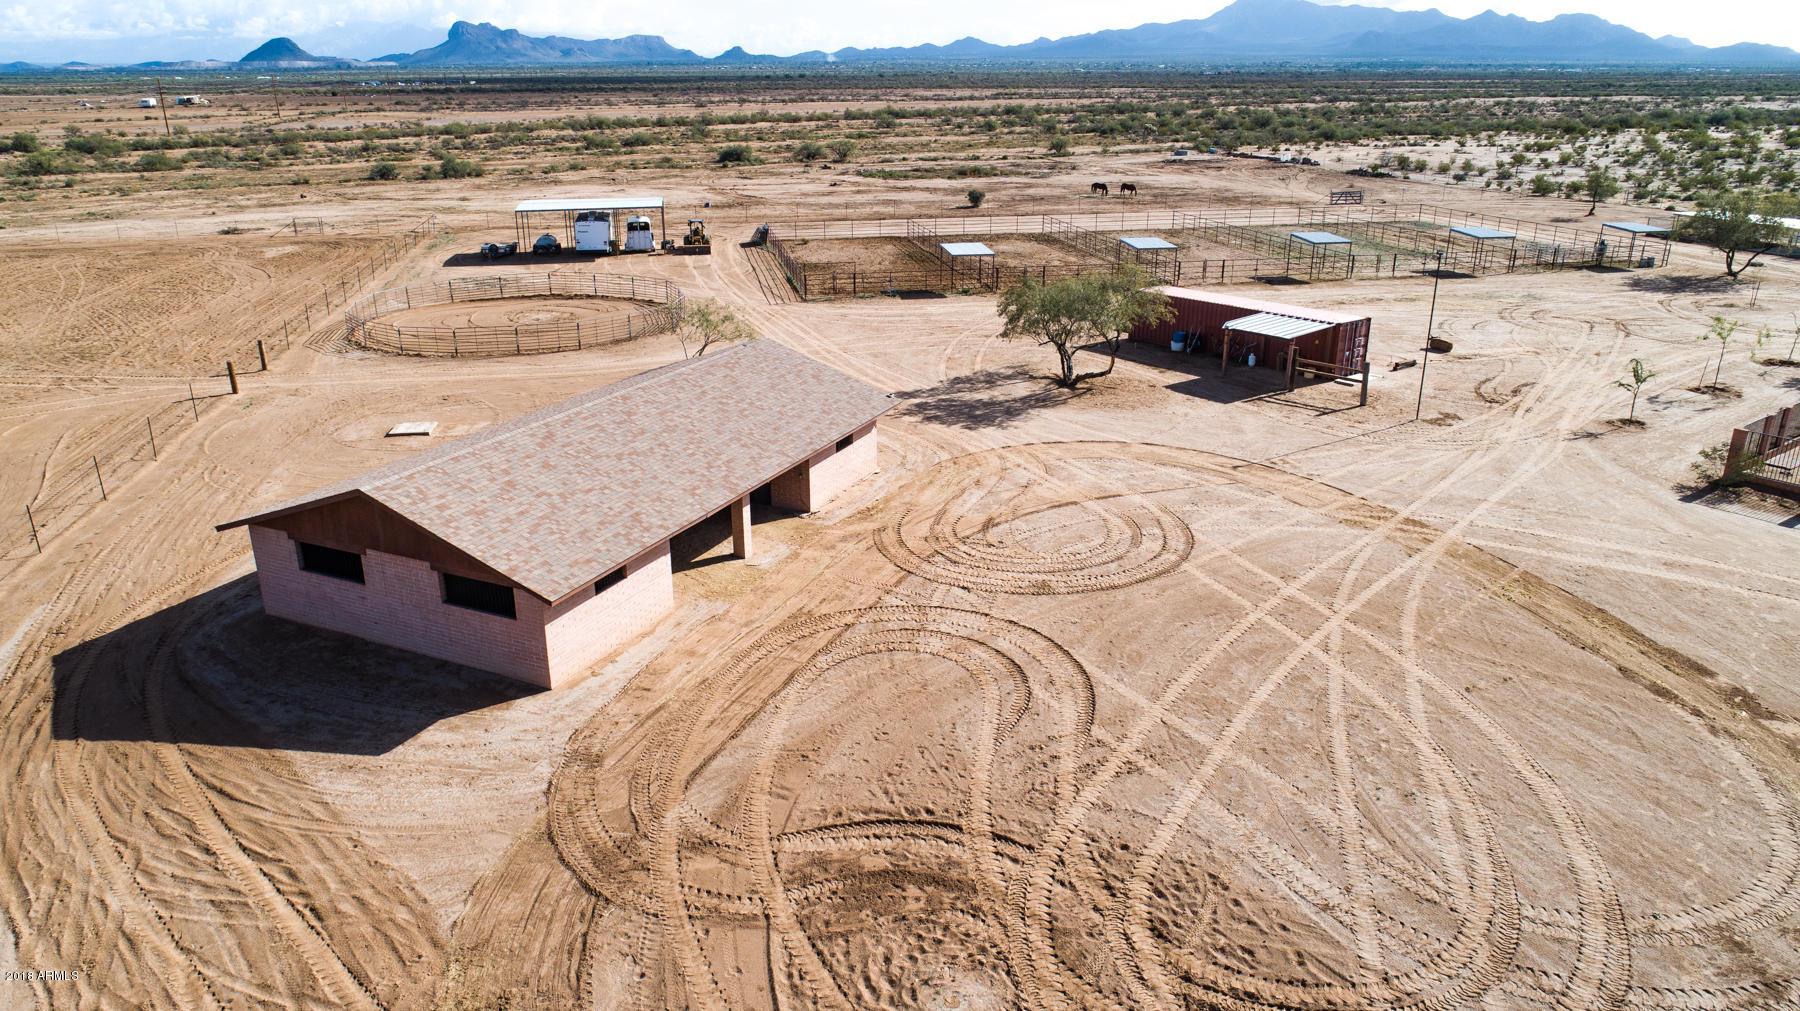 MLS 5870943 7100 N NELSON QUIHUIS Road, Marana, AZ Marana AZ Equestrian